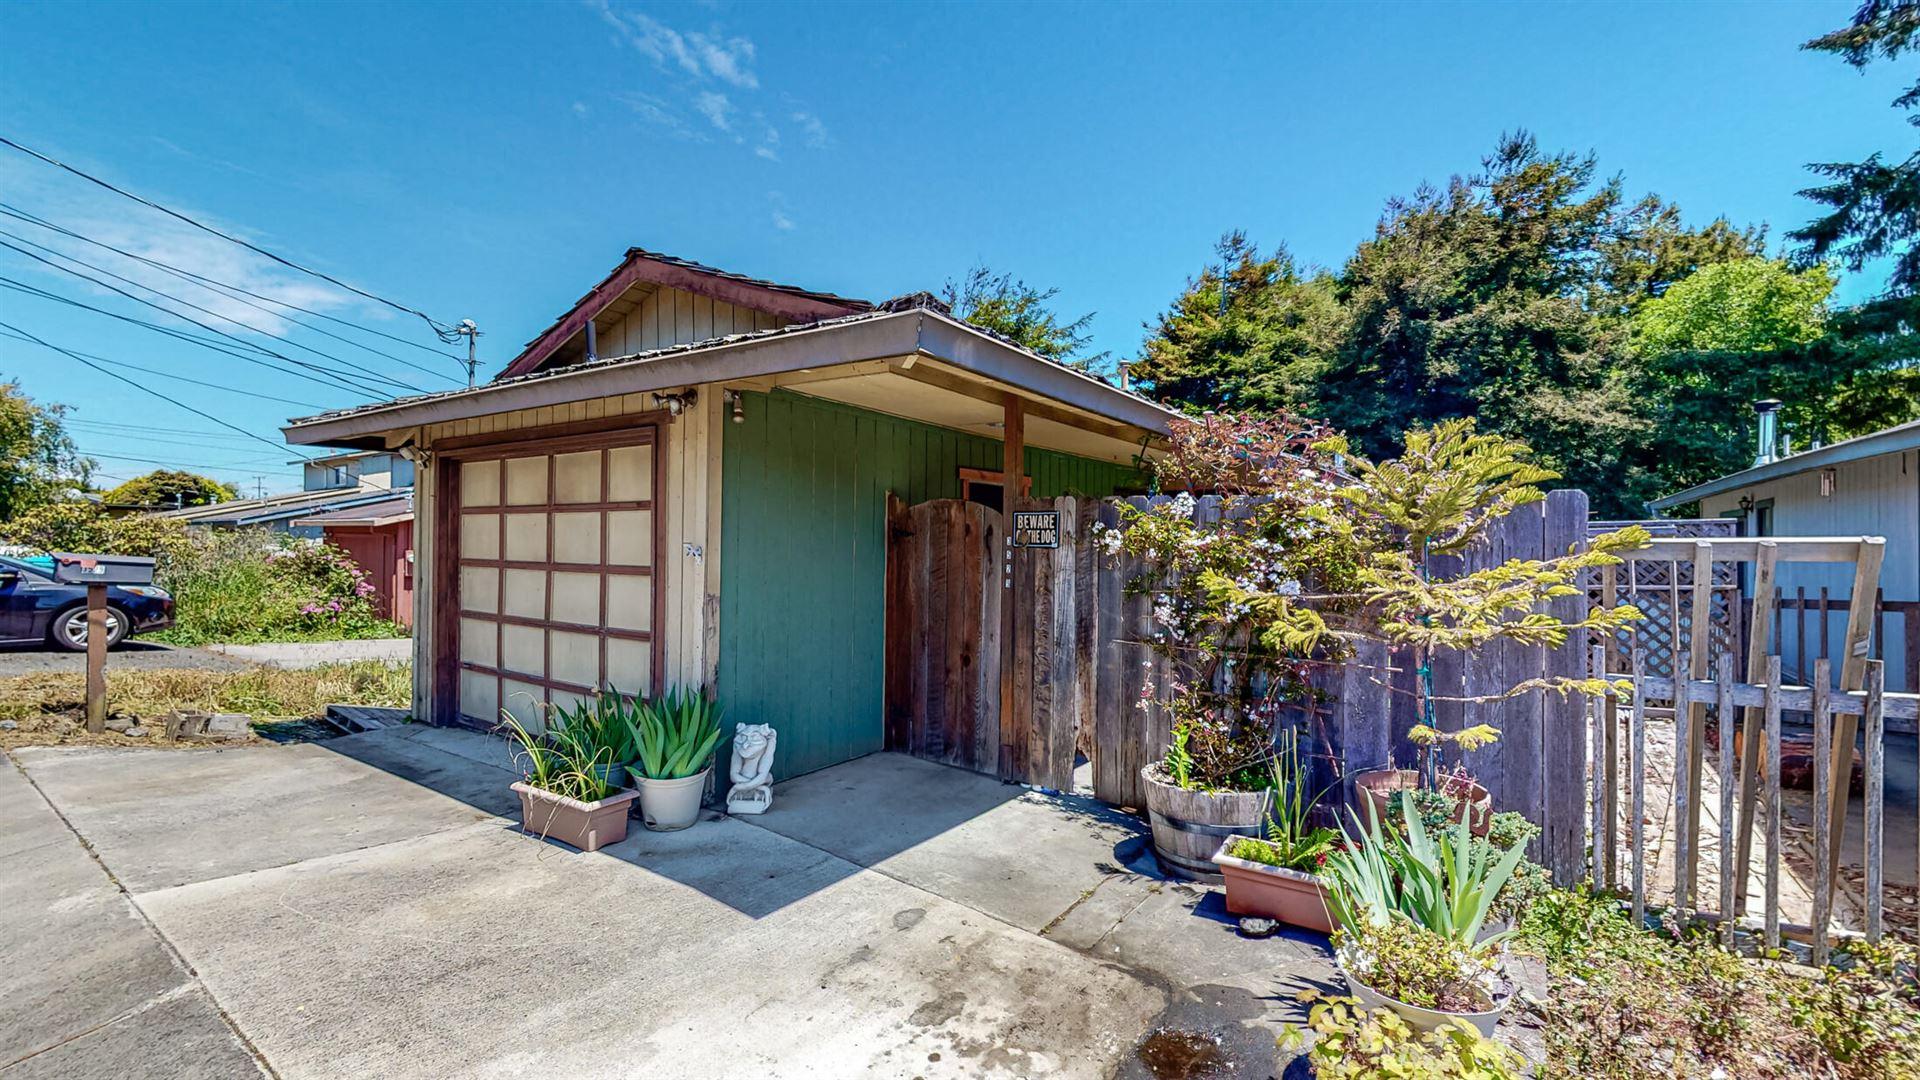 3529 Kilgore Street, Eureka, CA 95503 - MLS#: 259179